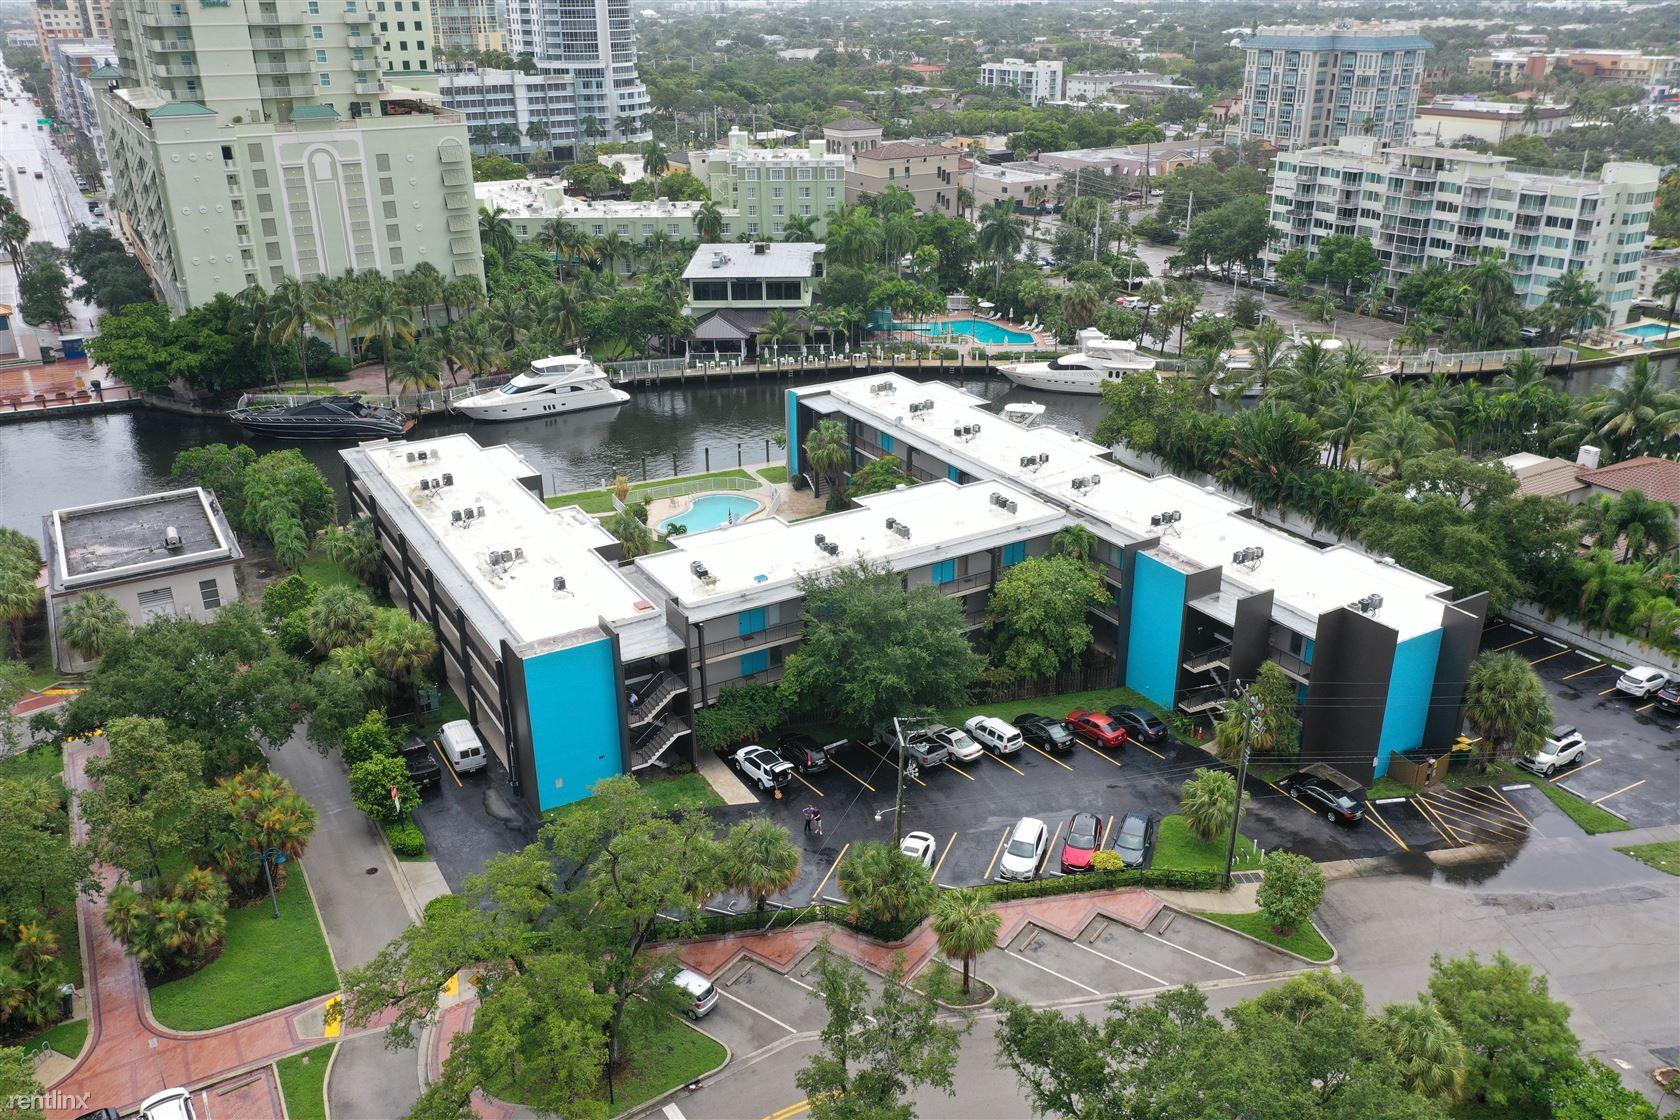 601 N Rio Vista Blvd, Fort Lauderdale, FL - $1,850